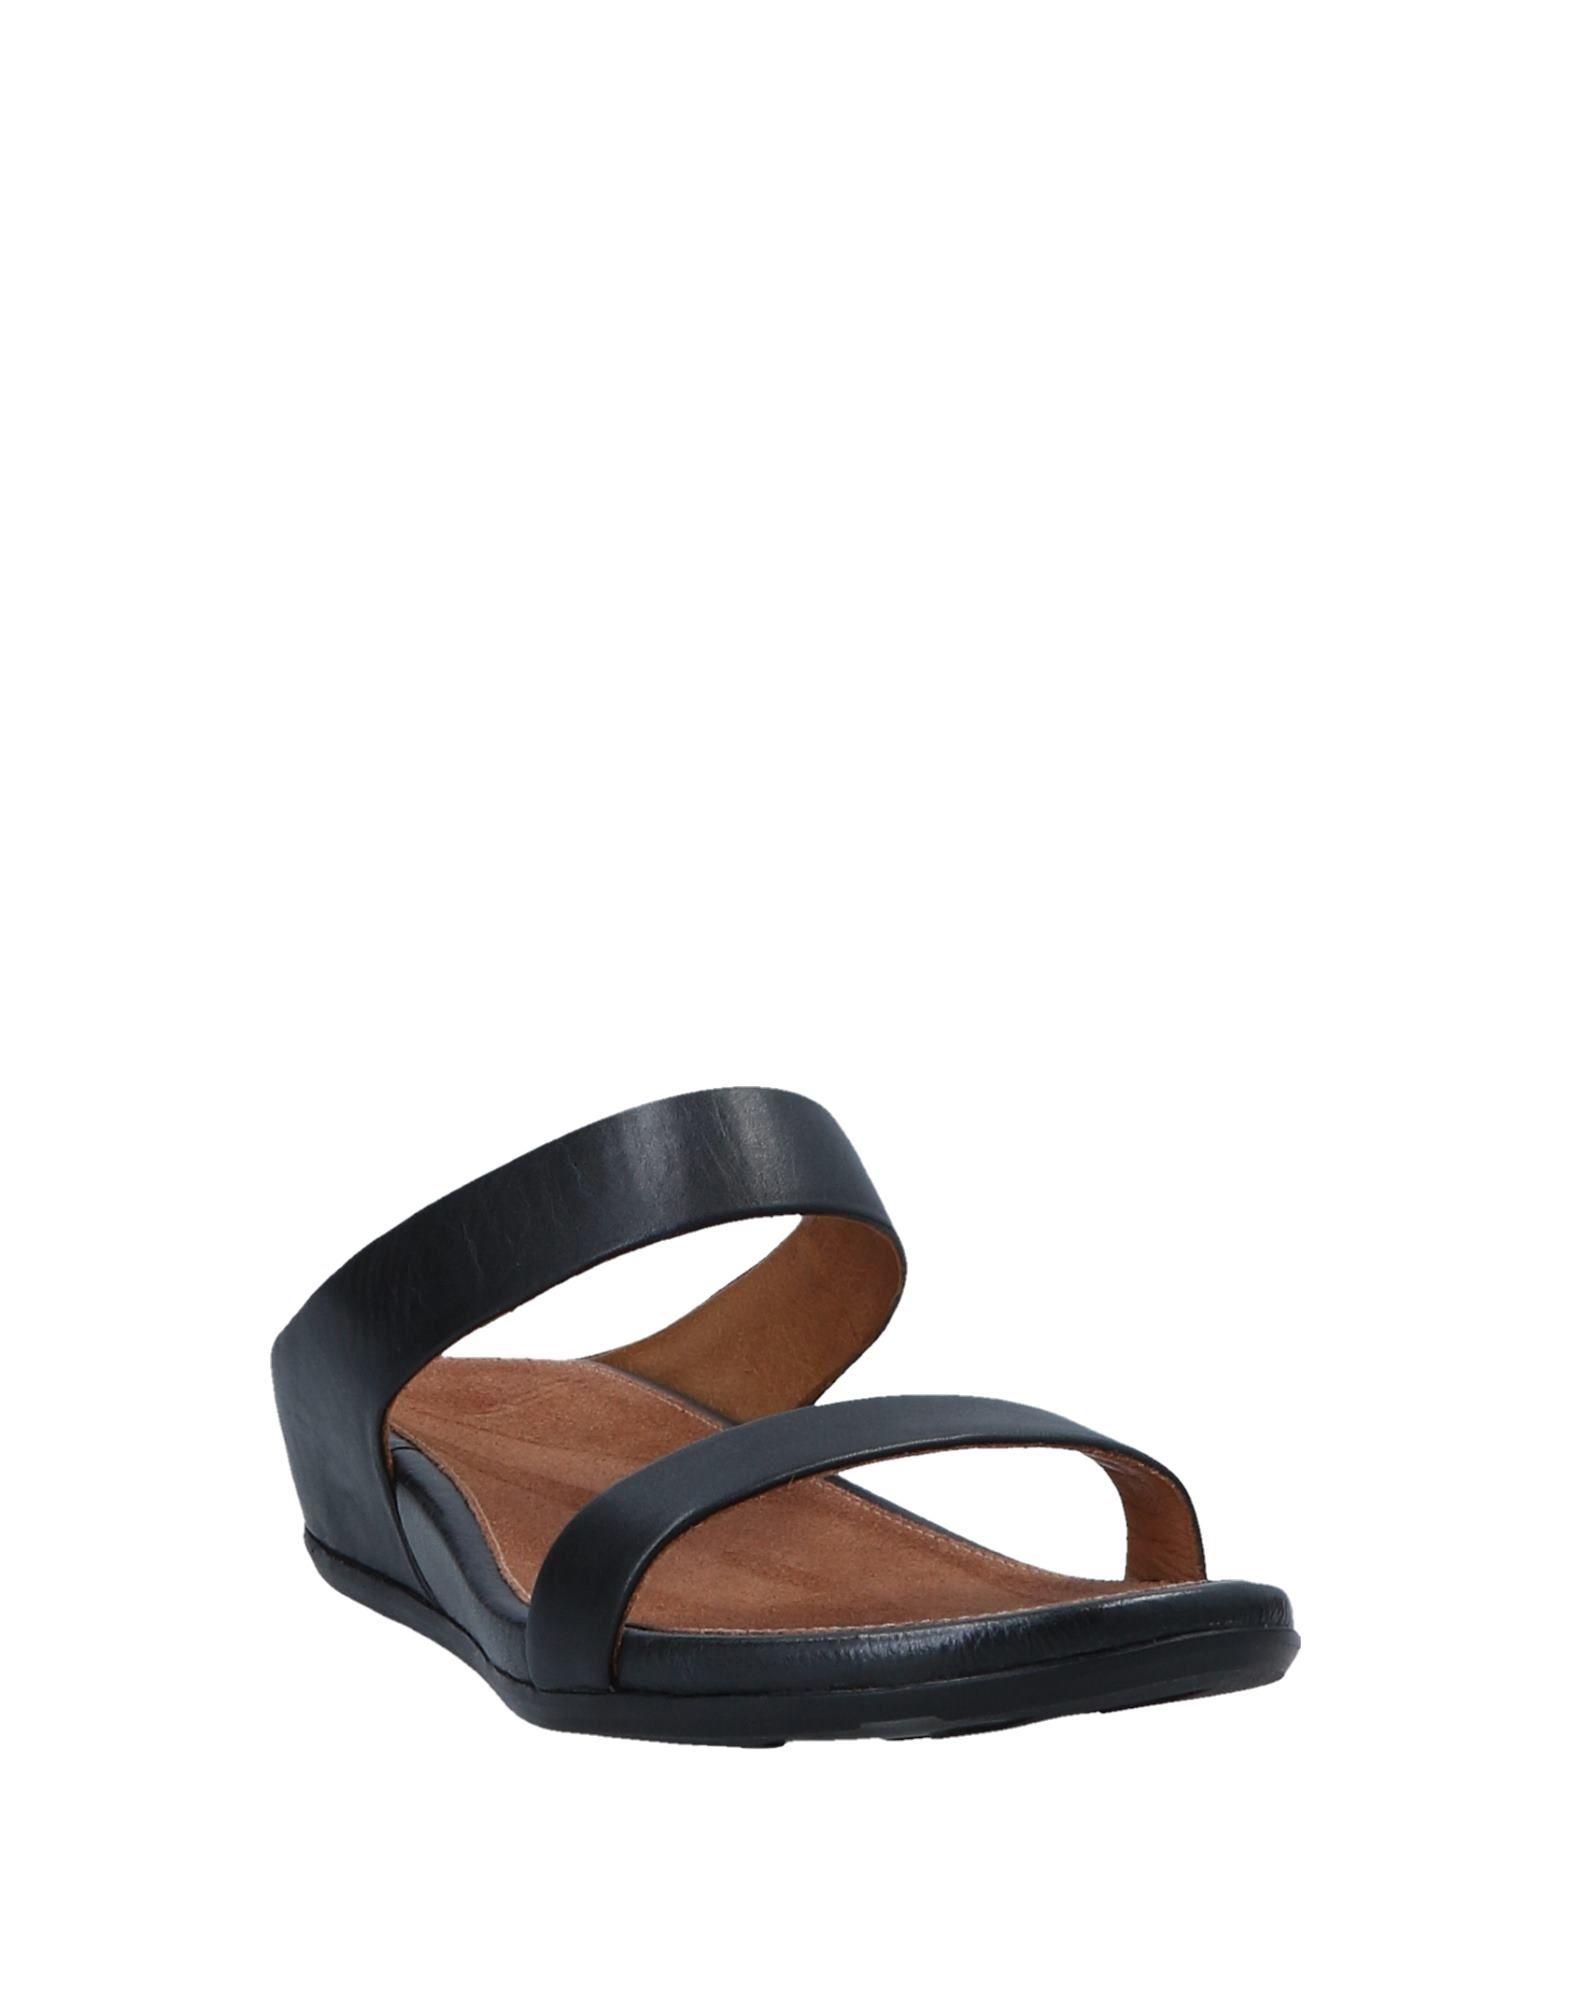 Fitflop Sandalen Qualität Damen  11548446MB Gute Qualität Sandalen beliebte Schuhe 851193